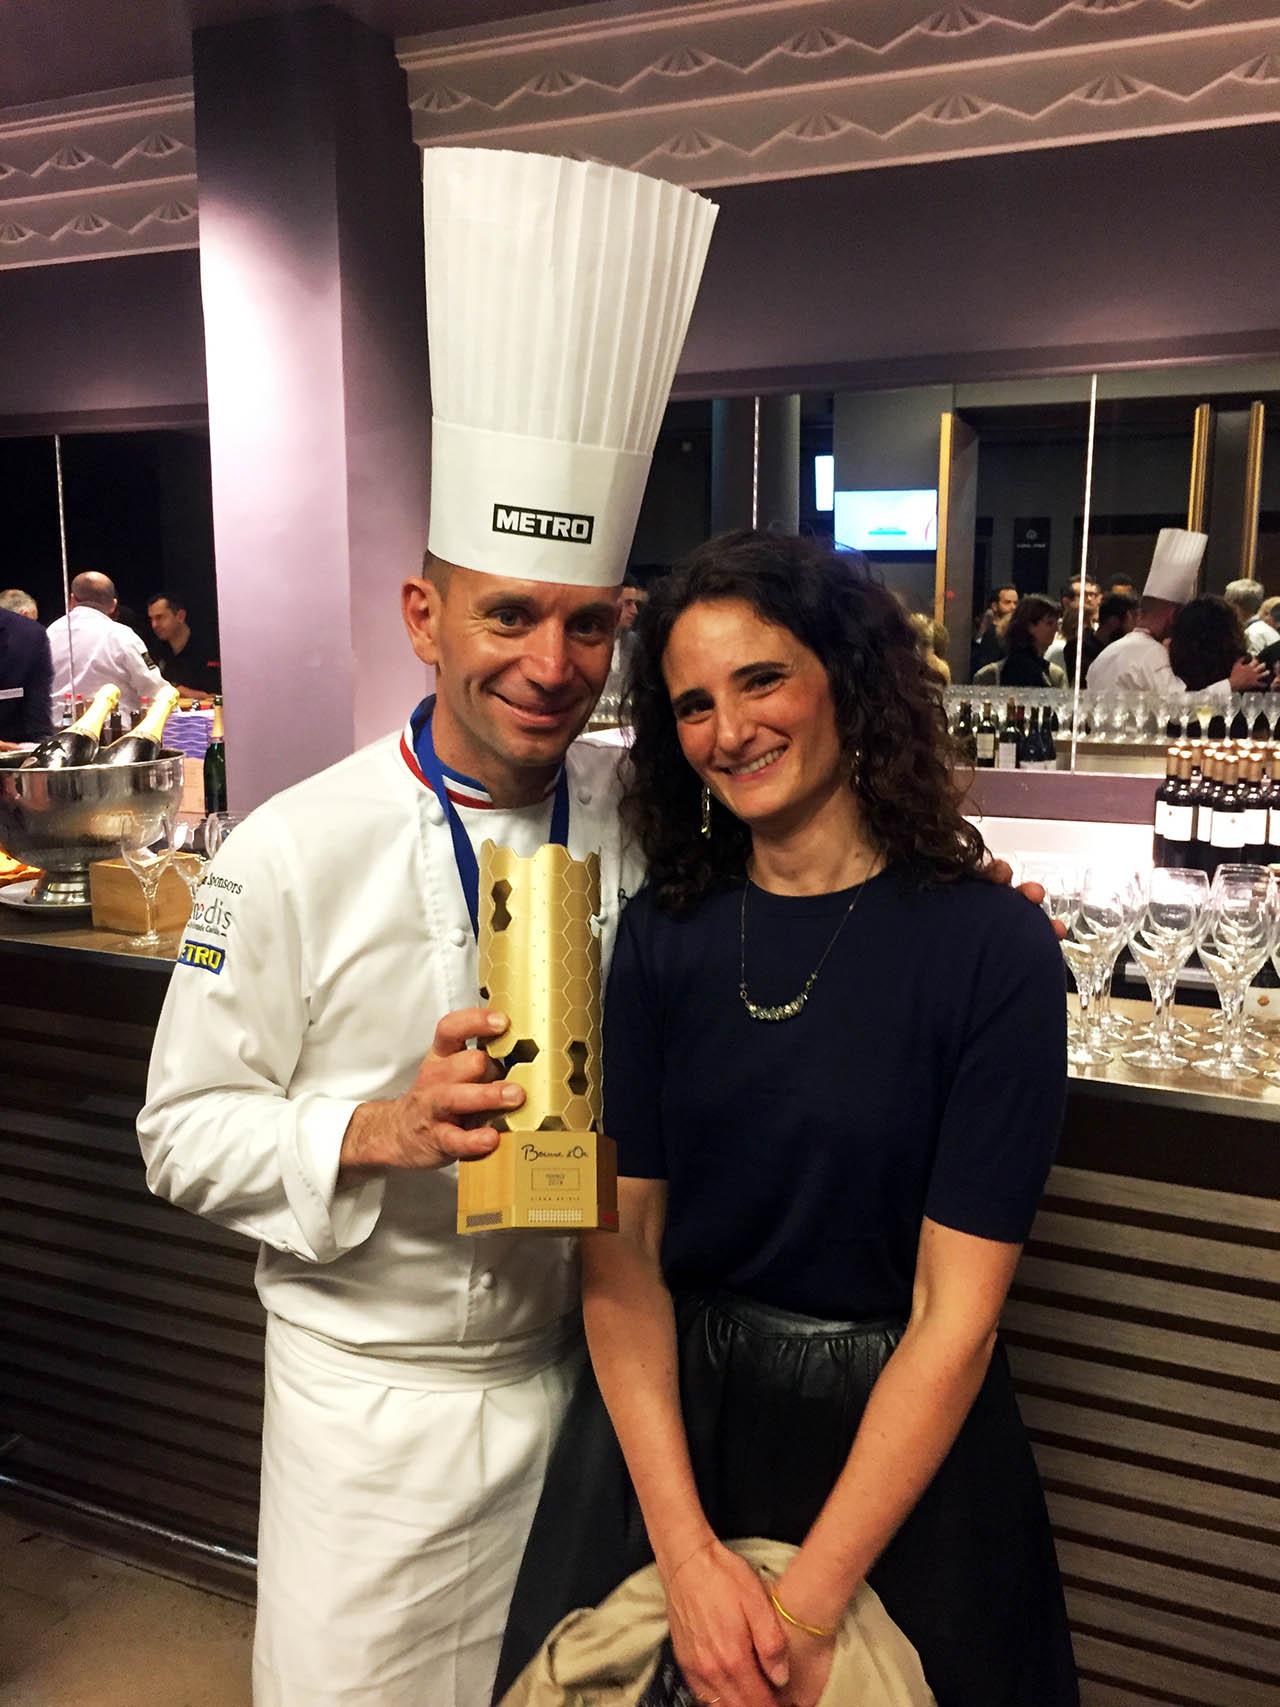 Accompagnement du Chef Davy Tissot sur le concours du Bocuse d'Or France 2019. Design culinaire et DA des menus papier